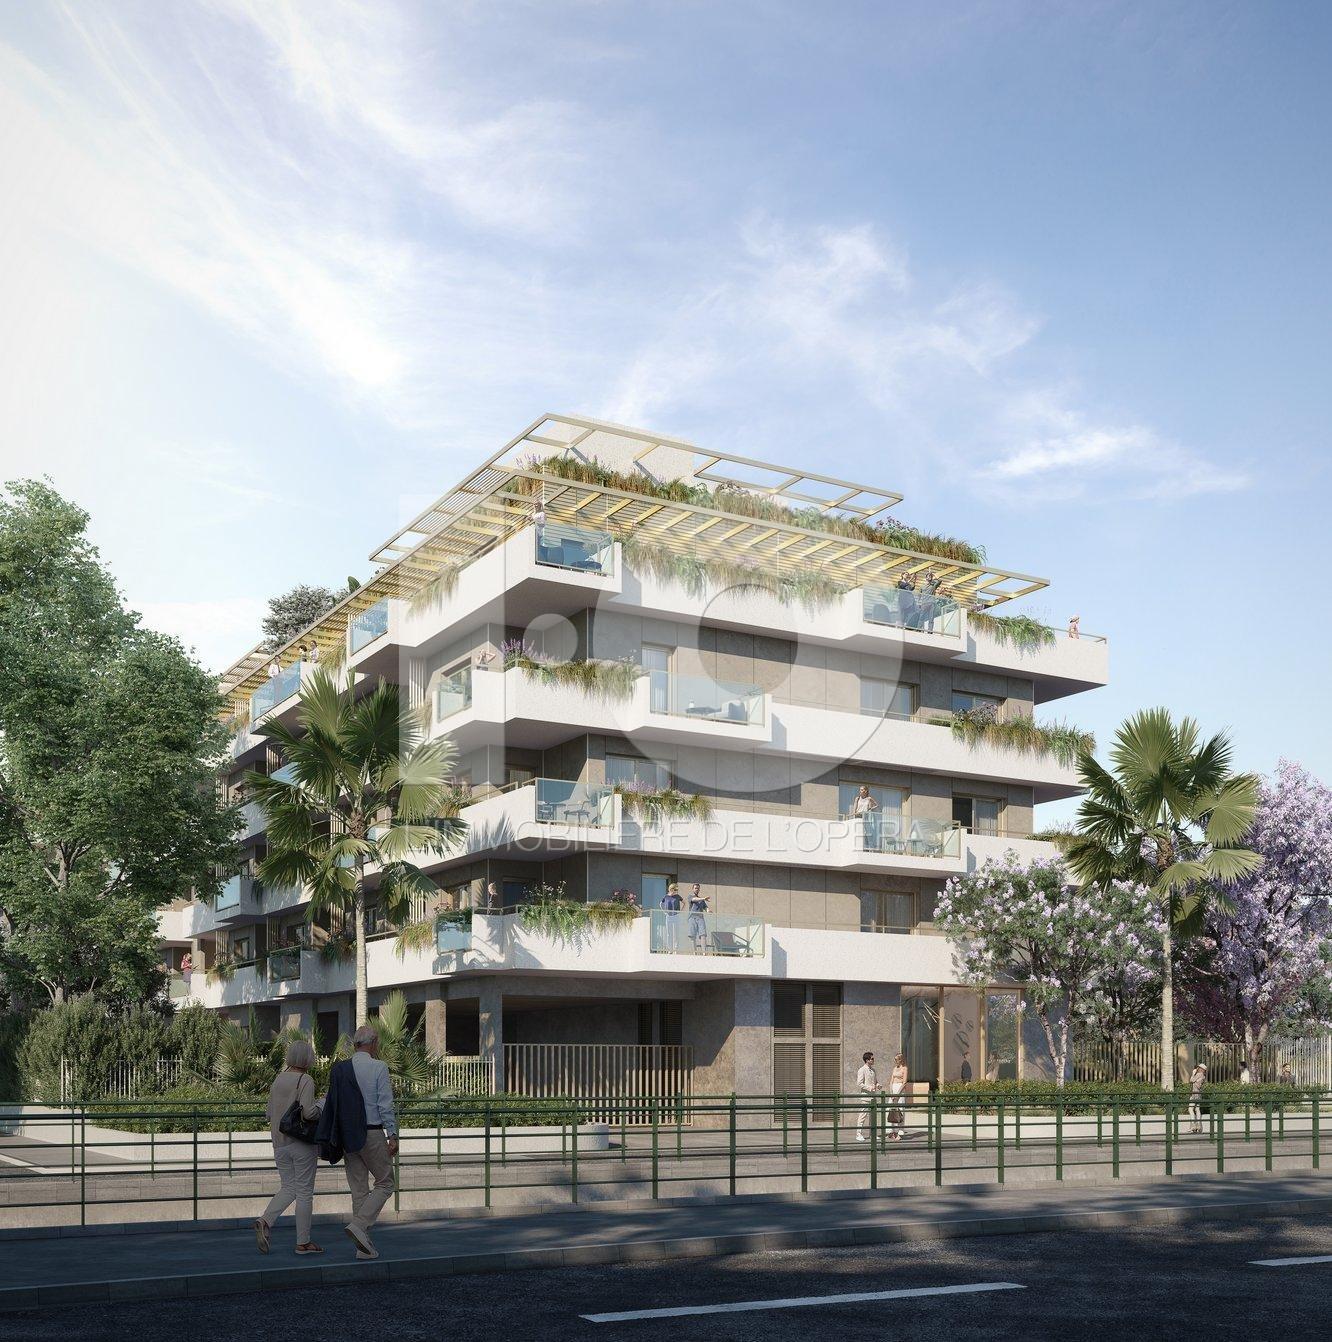 CAGNES S/ MER - Appartement 2 Pièces en Rez de Jardin 46m2, Terrasse & Jardin